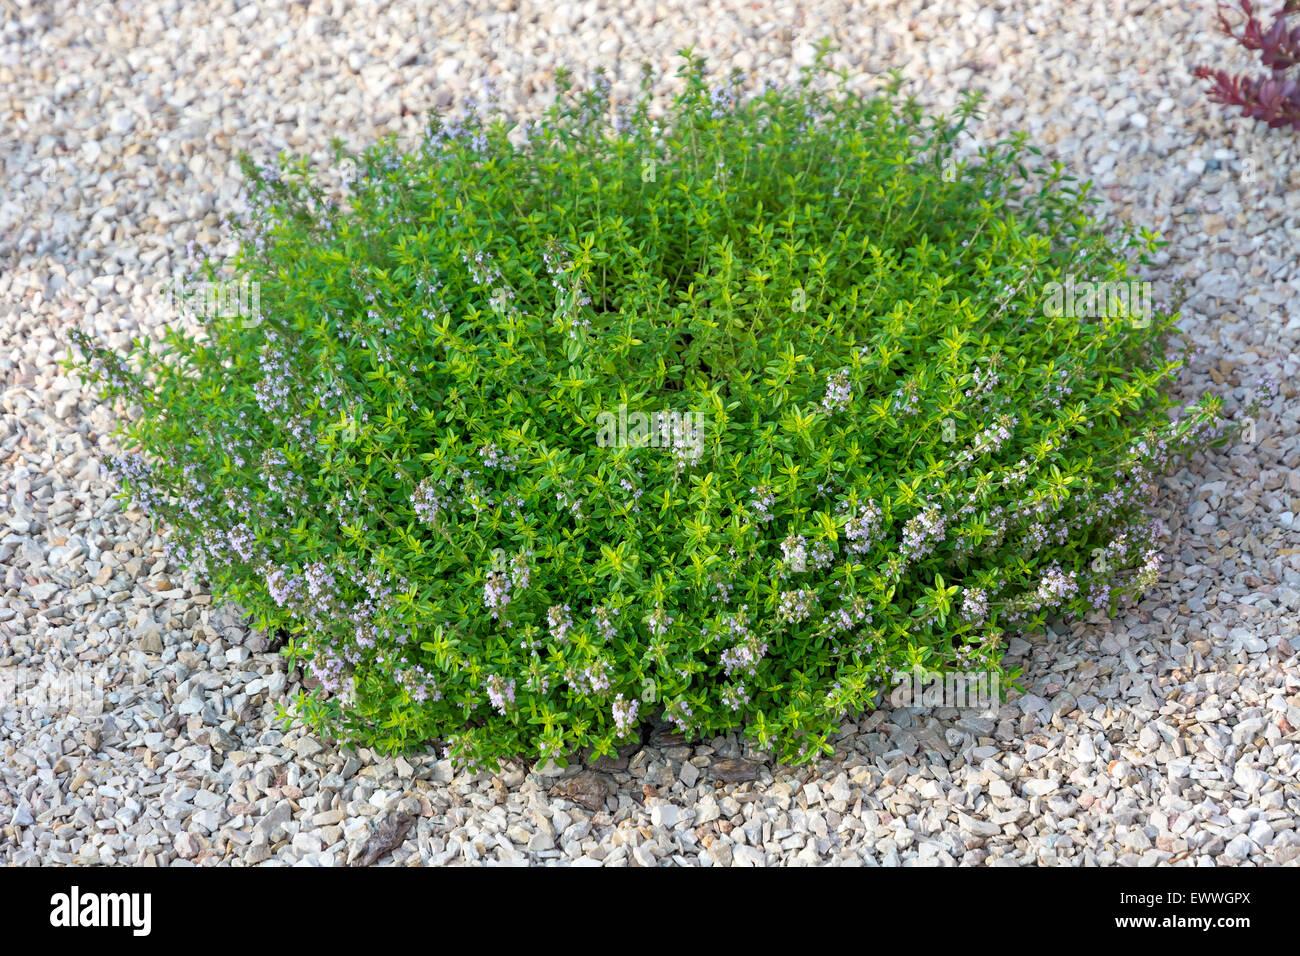 Kleiner grüner Strauch mit blauen Blumen auf hellen Stein. Element der Landschaftsgestaltung. Stockbild